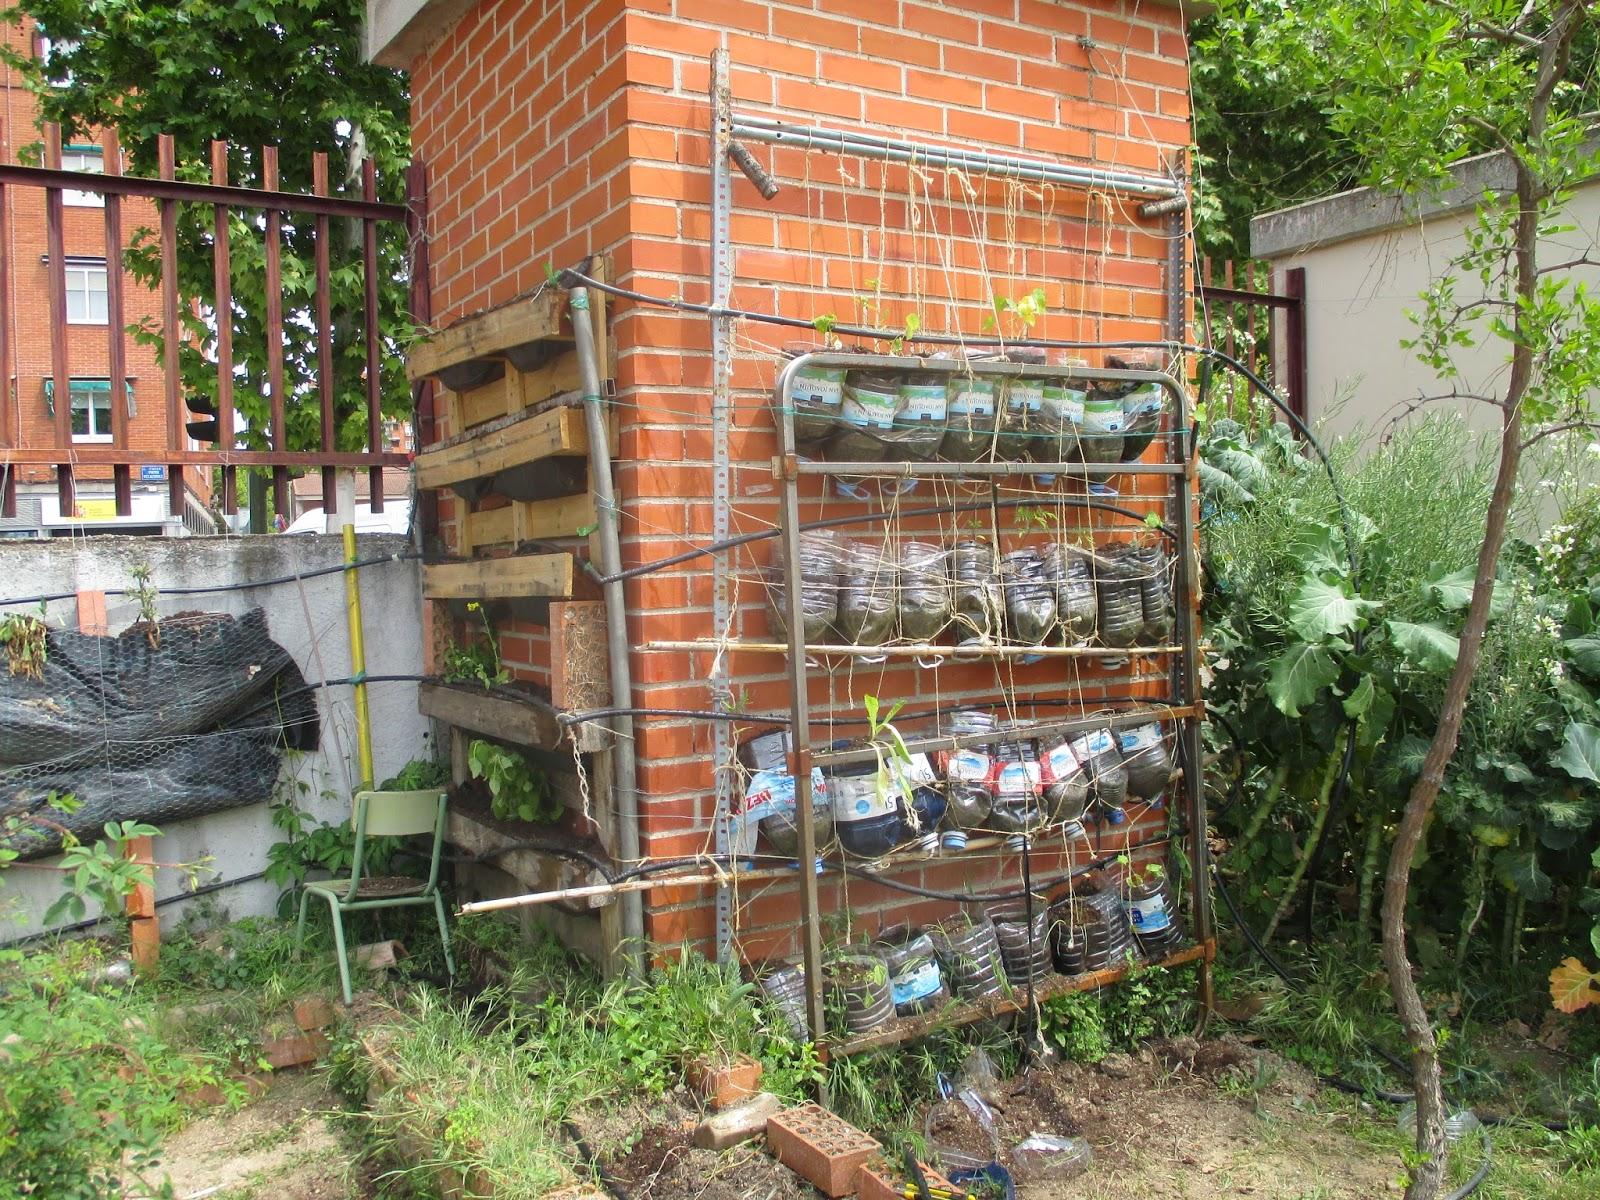 En torno al huerto plantas en el huerto vertical for Imagenes del huerto vertical